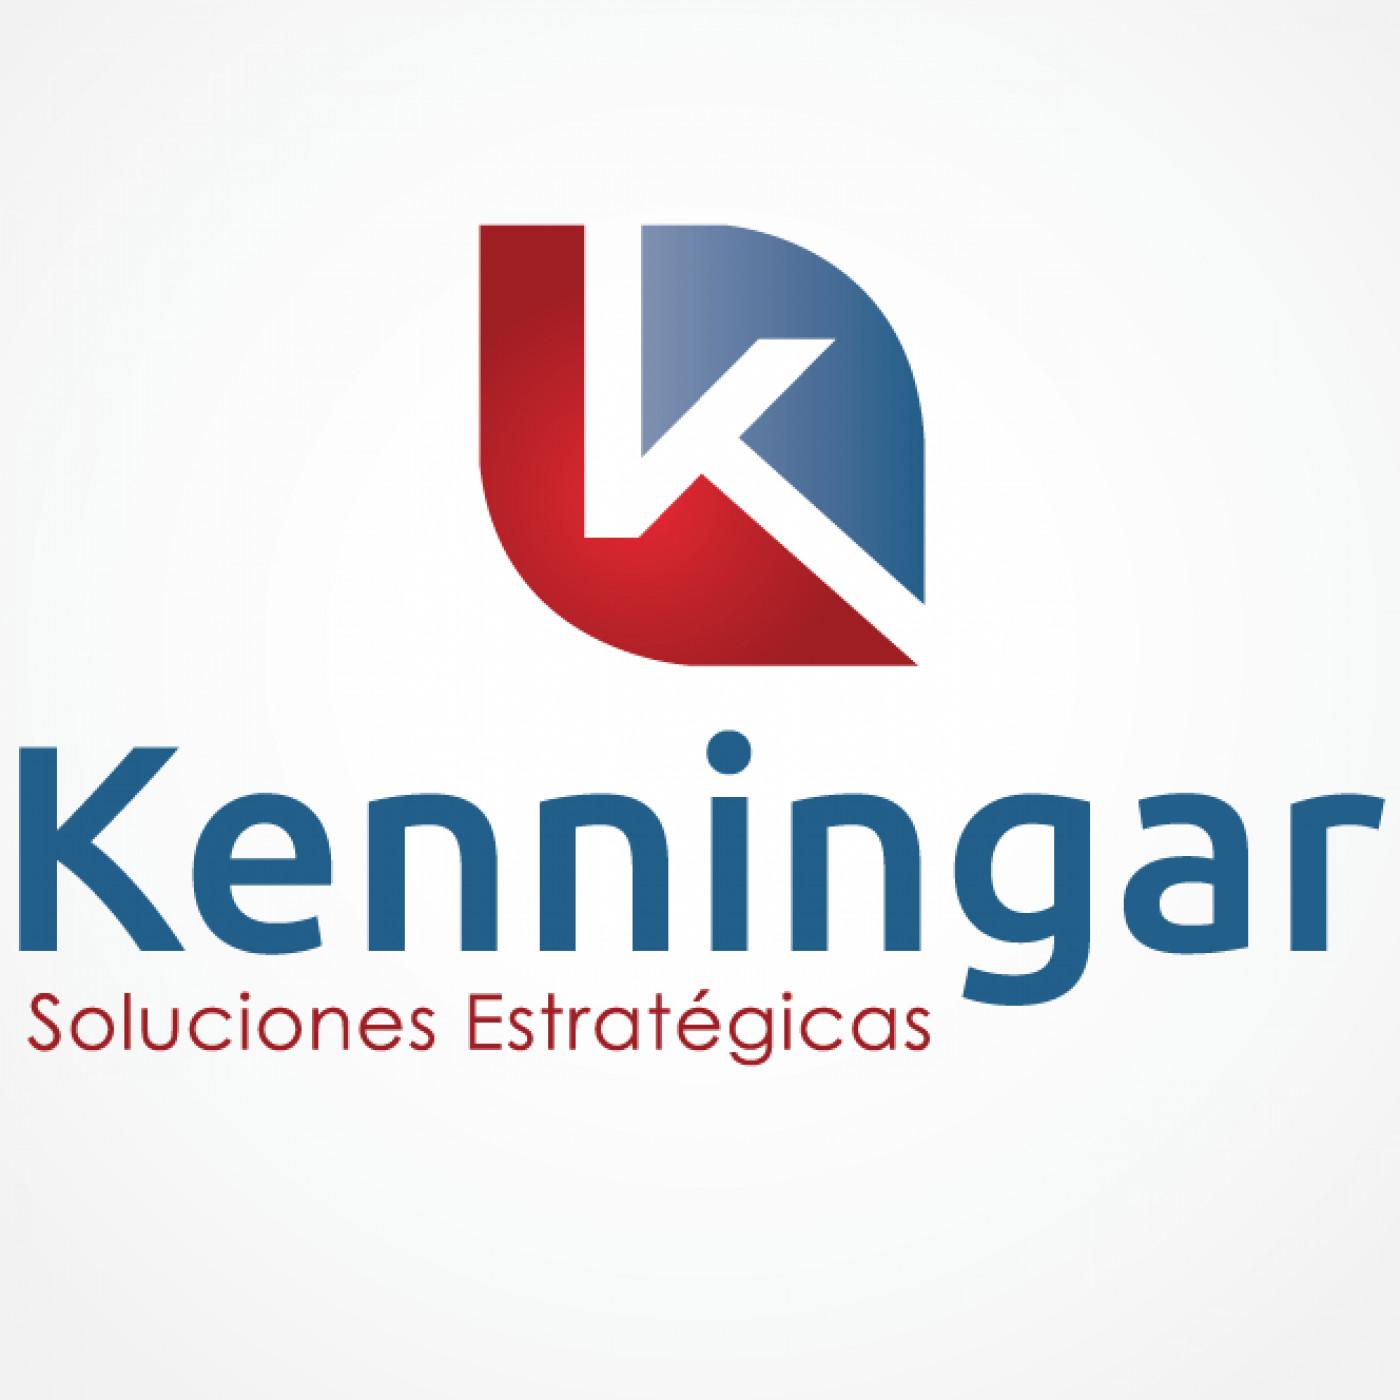 Mr.Kenningar - La entrevista de Mr.Kenningar